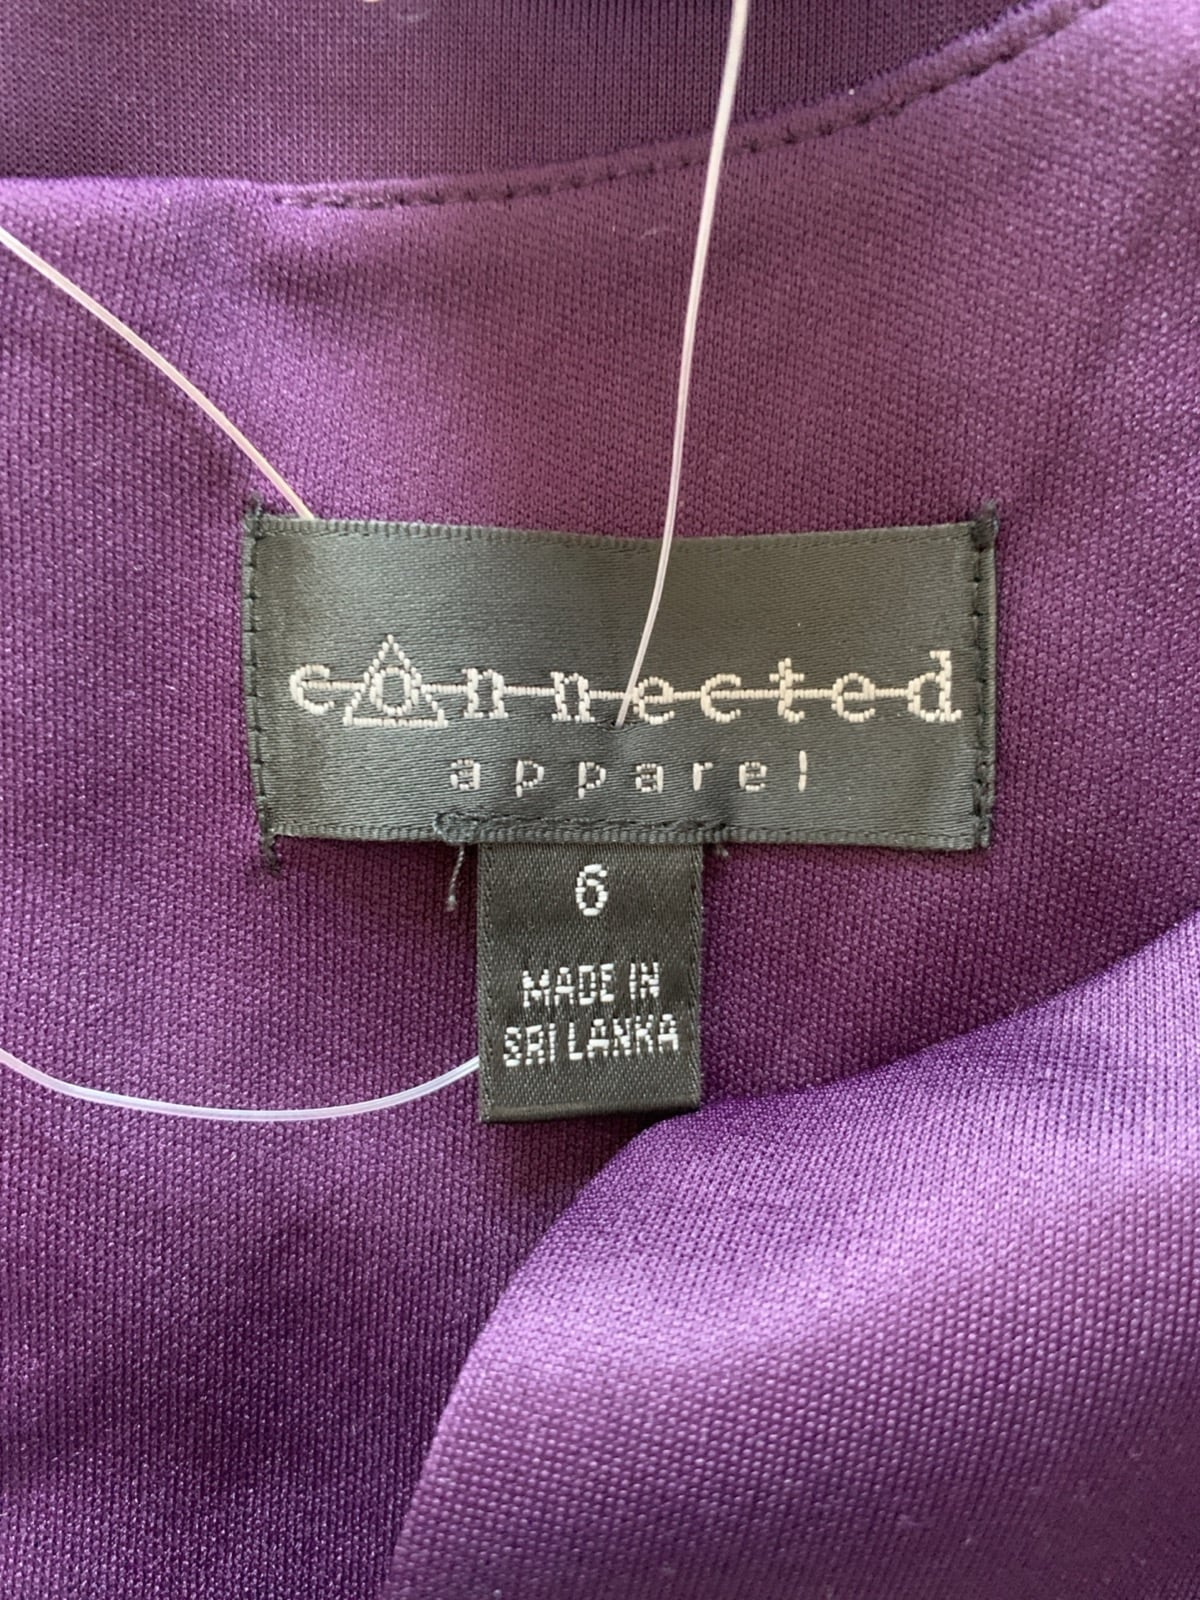 connected apparel(コネクティッドアパレル)のワンピース